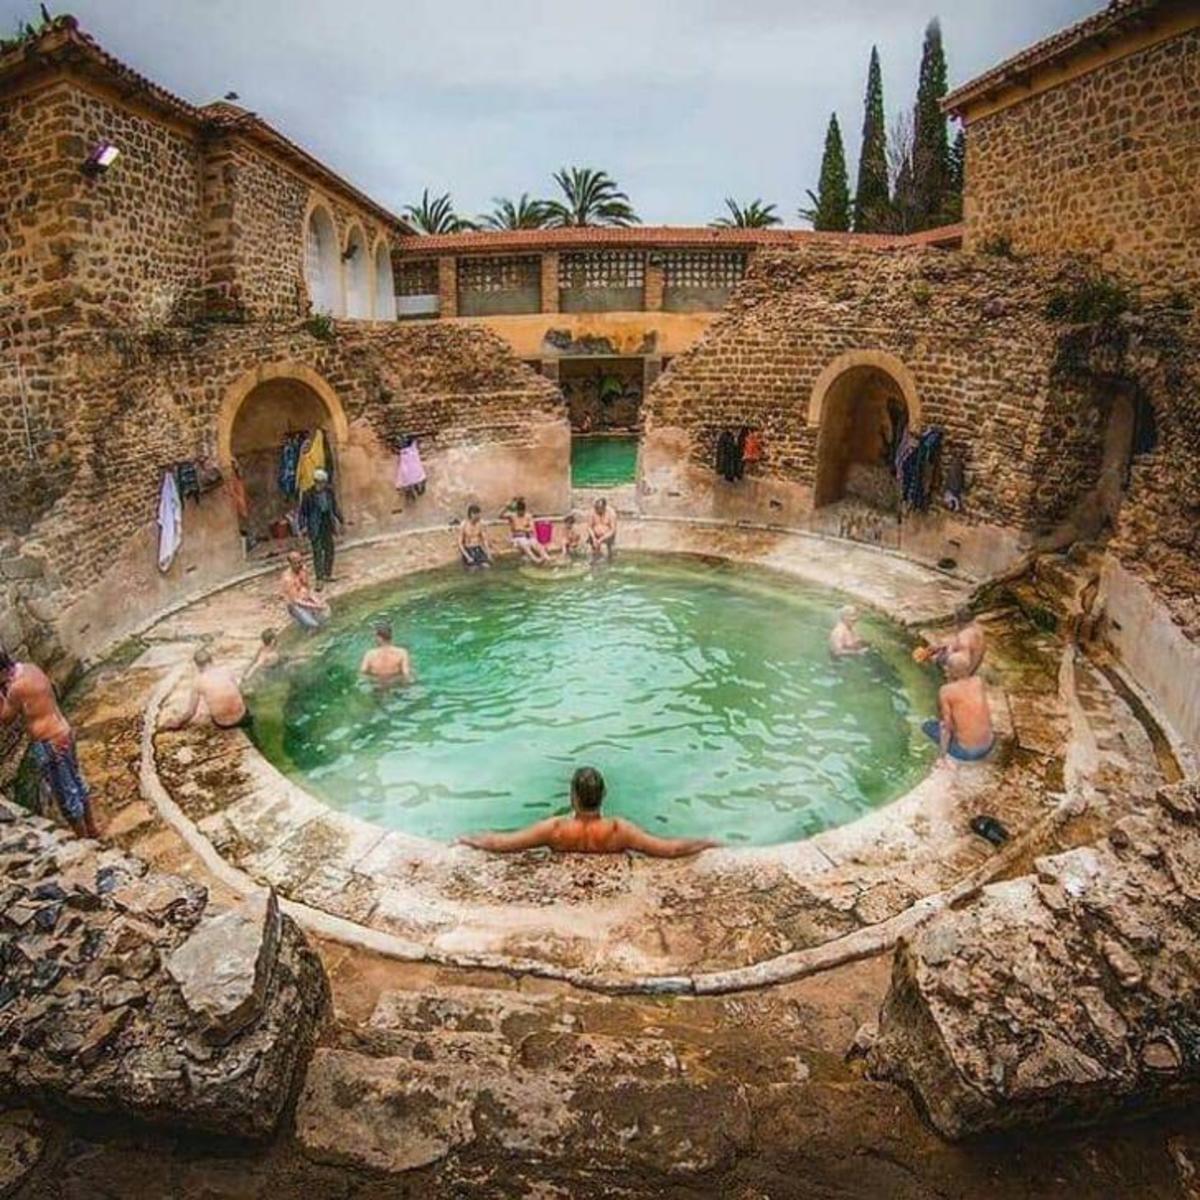 A ROMAN BATHHOUSE STILL IN USE AFTER 2,000 YRS KHENCHELA, ALGERIA. .. Mmmmm ancient syphilis